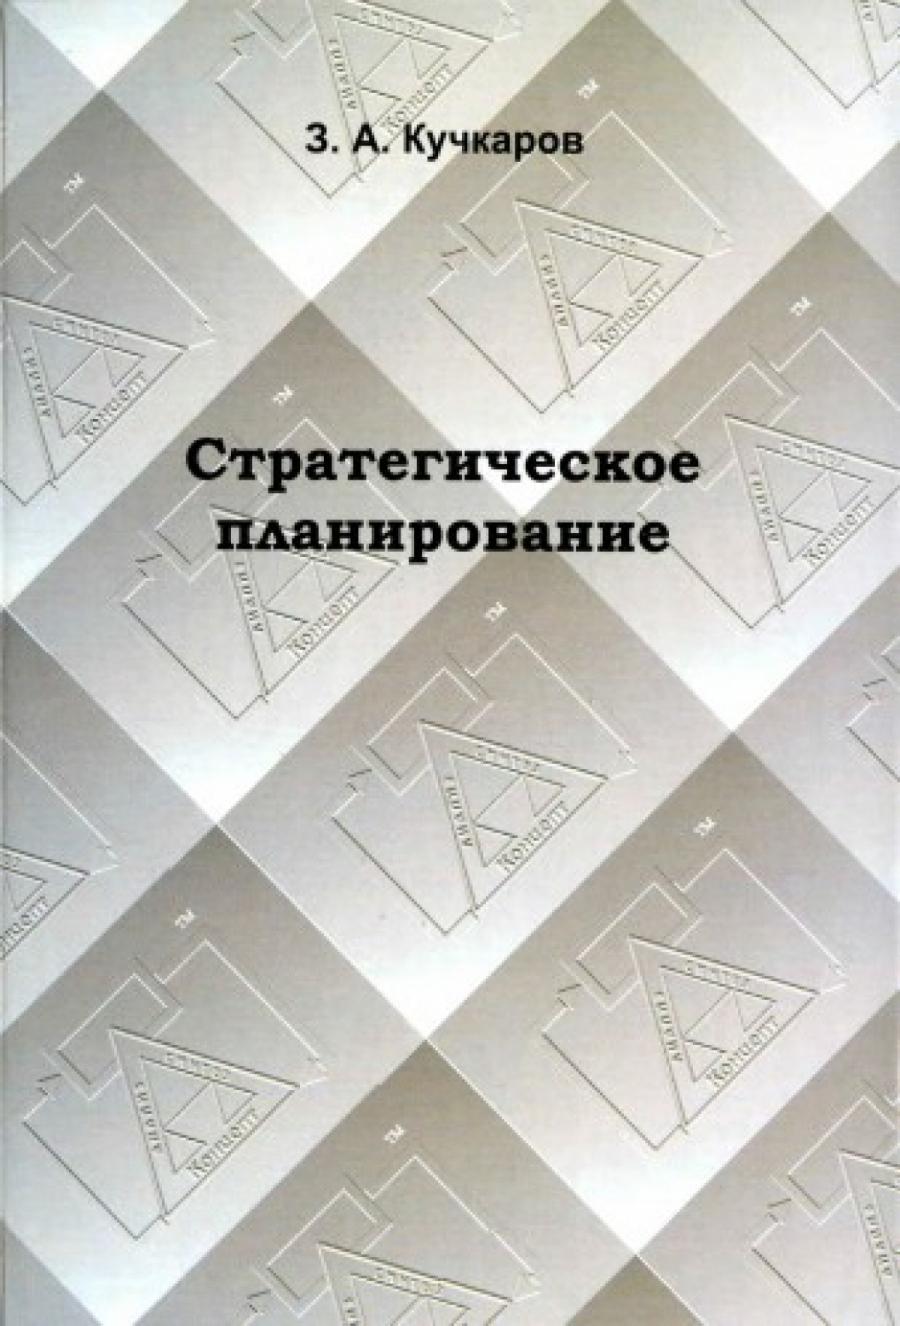 Обложка книги:  кучкаров з. а. - стратегическое планирование и управление организацией